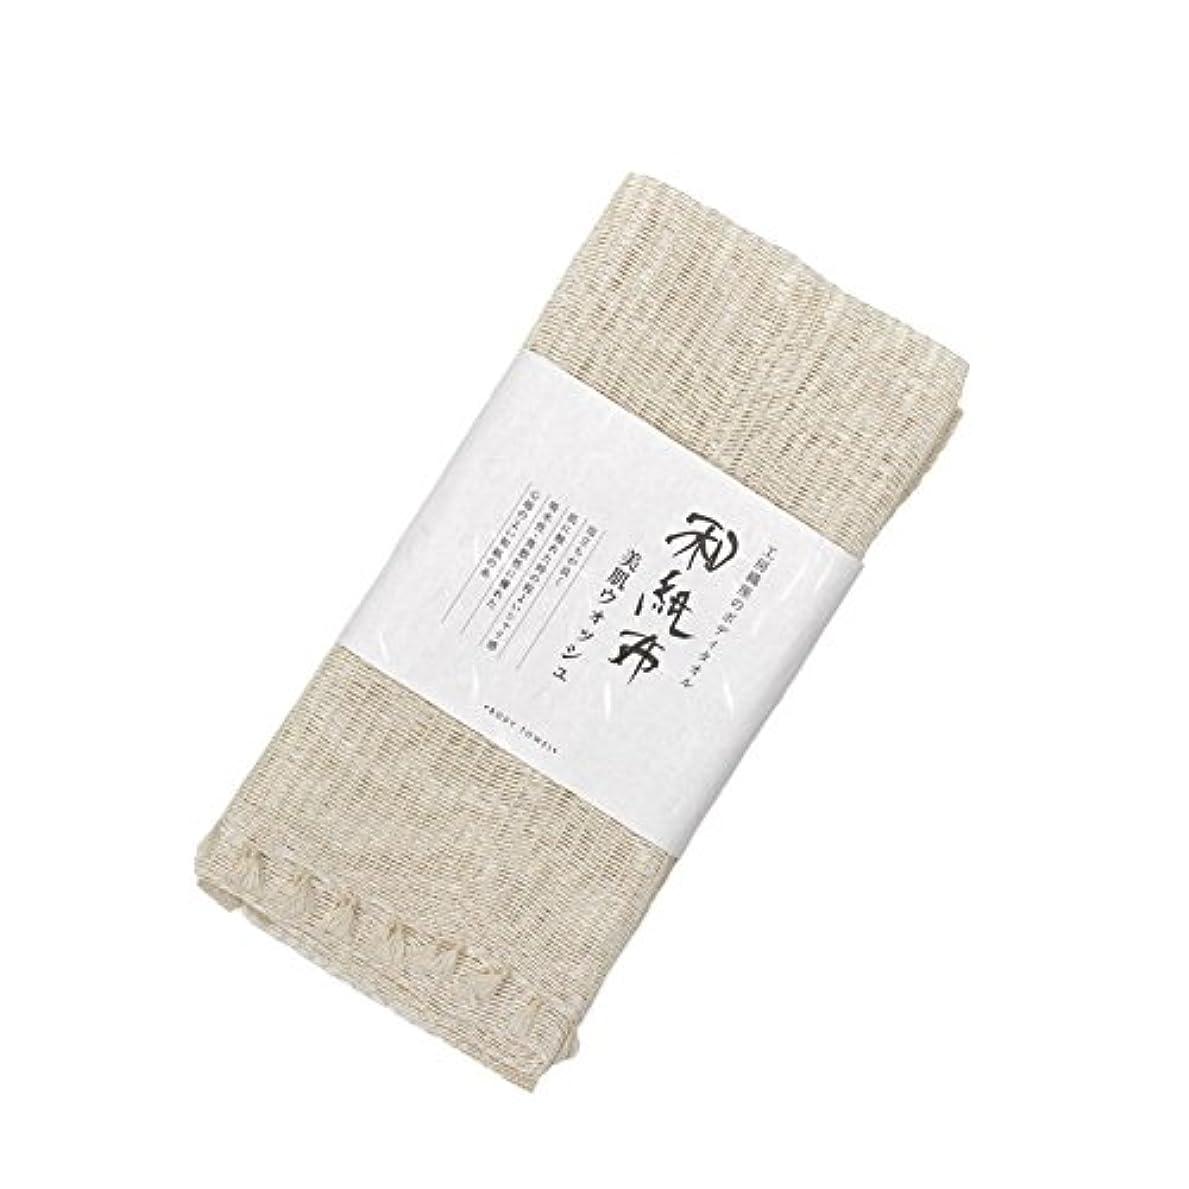 議論する通信網証明今治産 ボディタオル 和紙布美肌ウォッシュ 工房織座 (ホワイト)